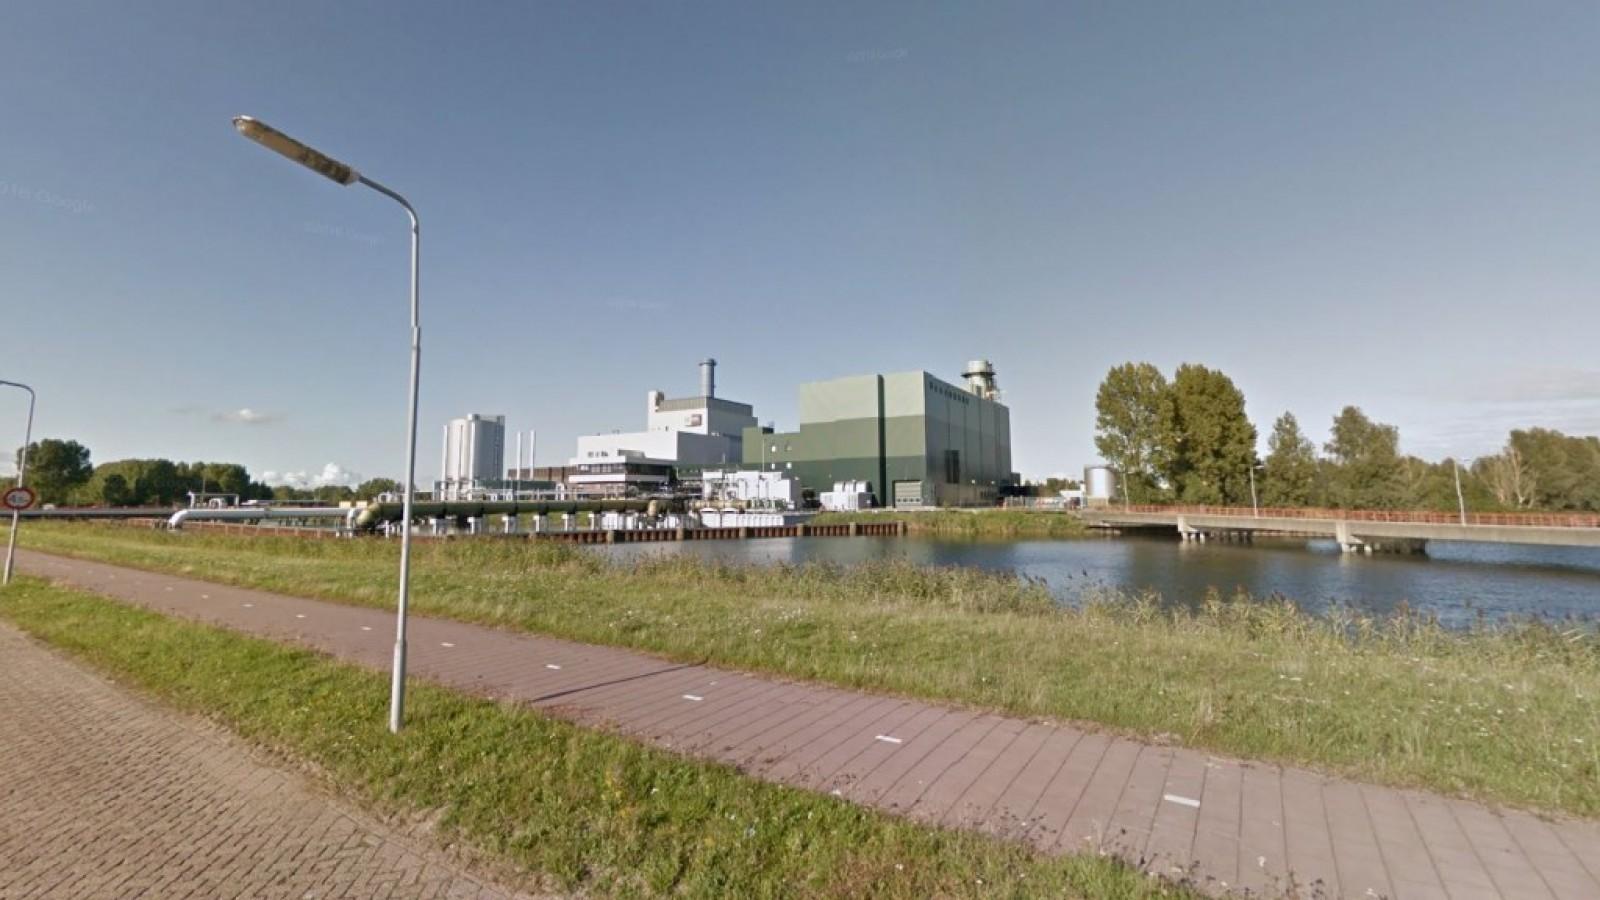 Bouw omstreden biomassacentrale bij Diemen mag doorgaan